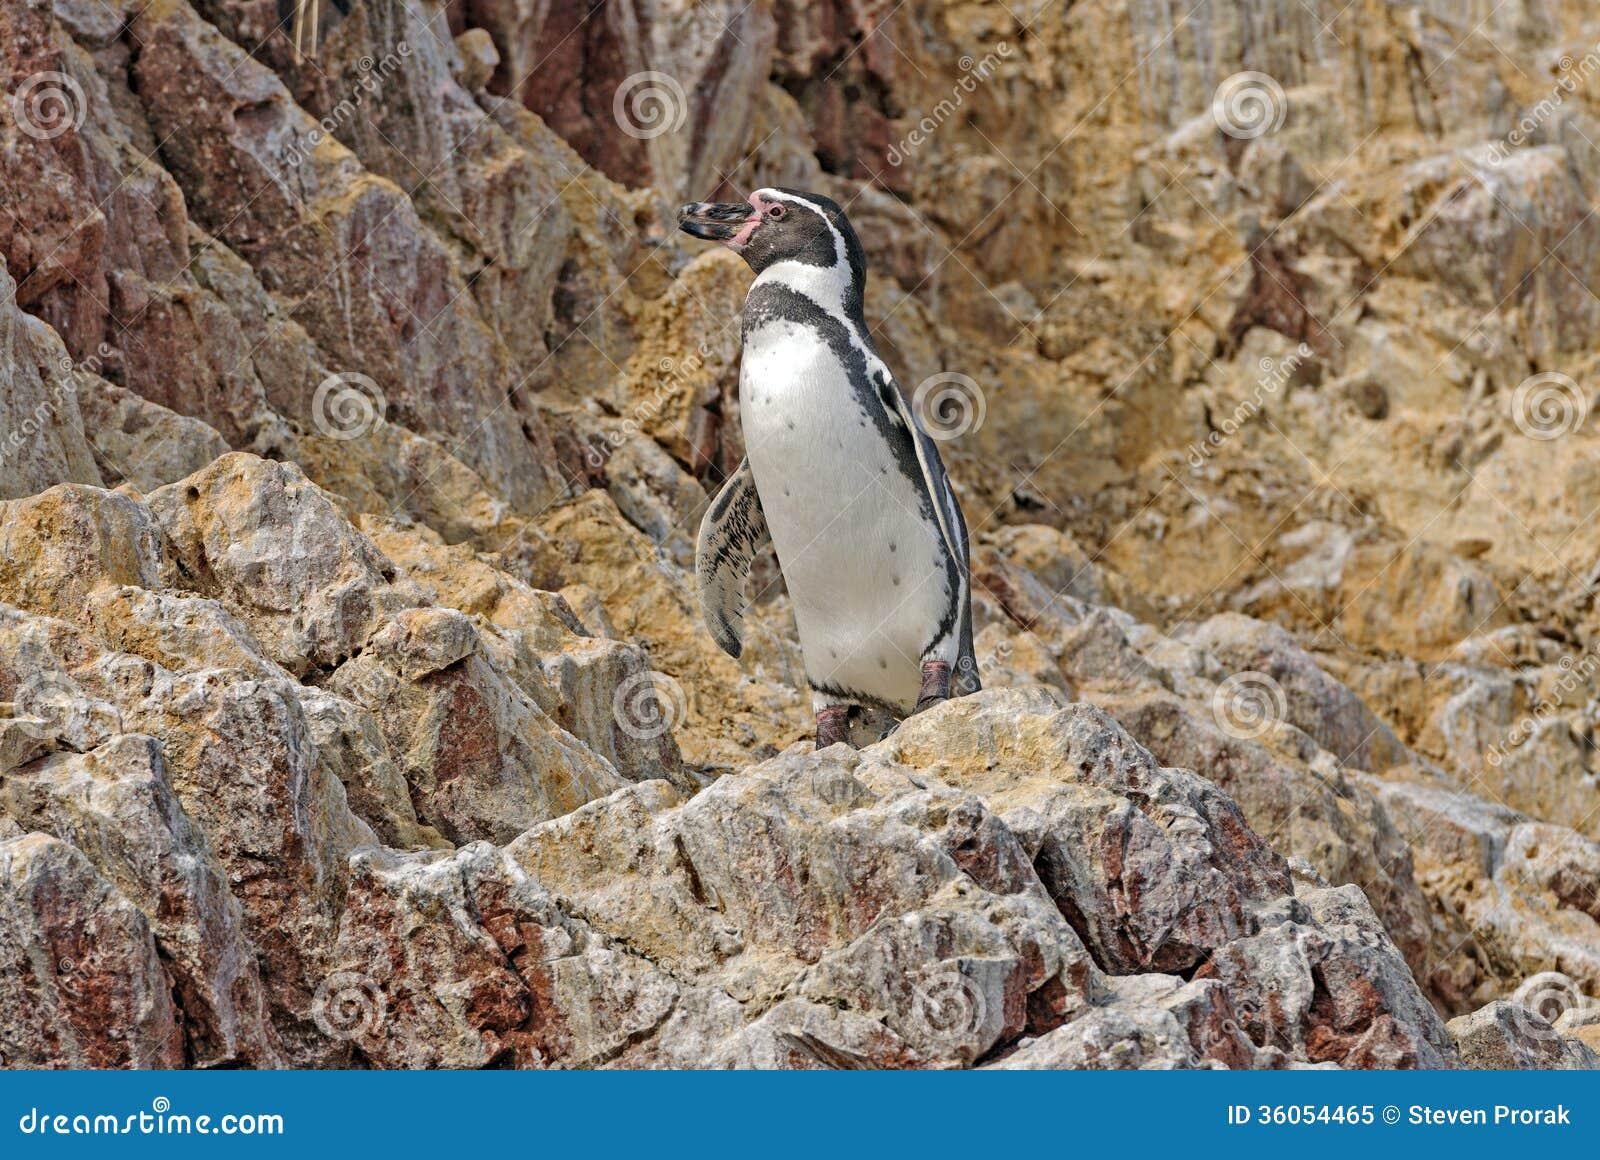 Humboldt Penguin on the Peruvian Coast